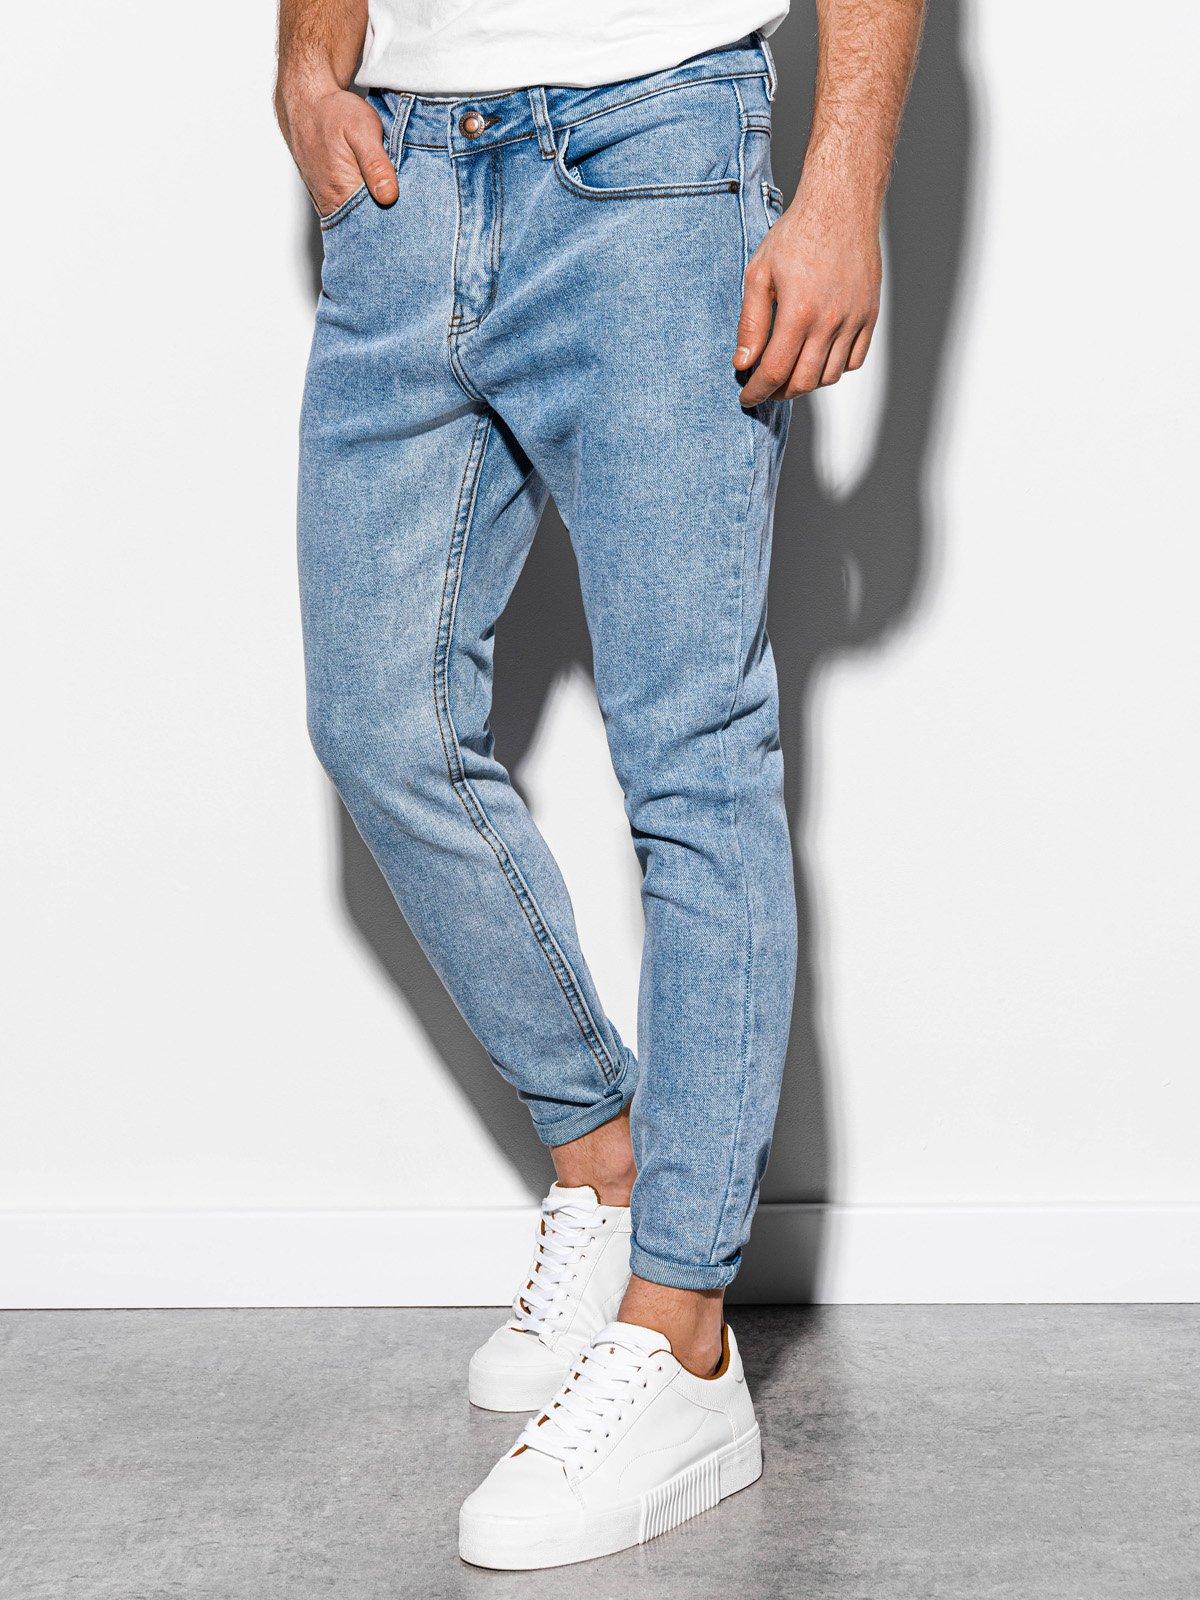 Spodnie męskie jeansowe P888 - jasnoniebieskie